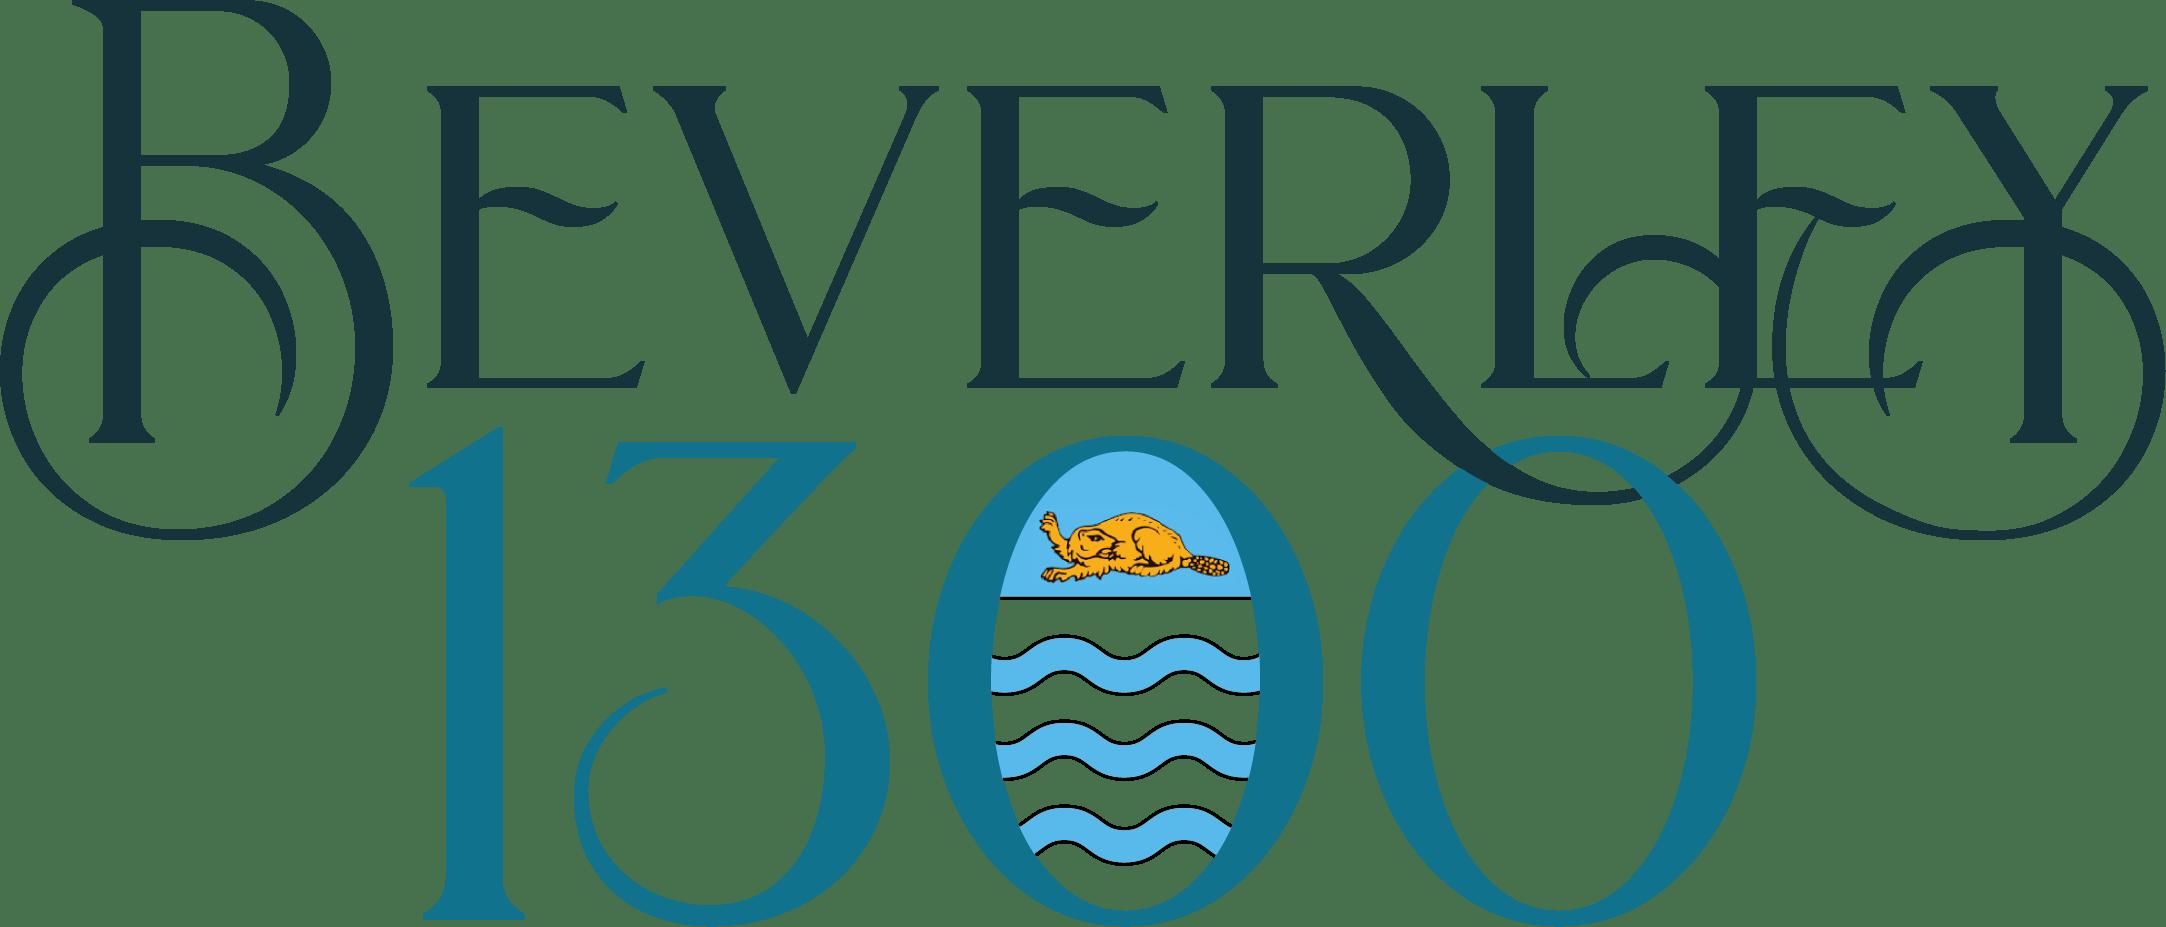 Beverley 1300